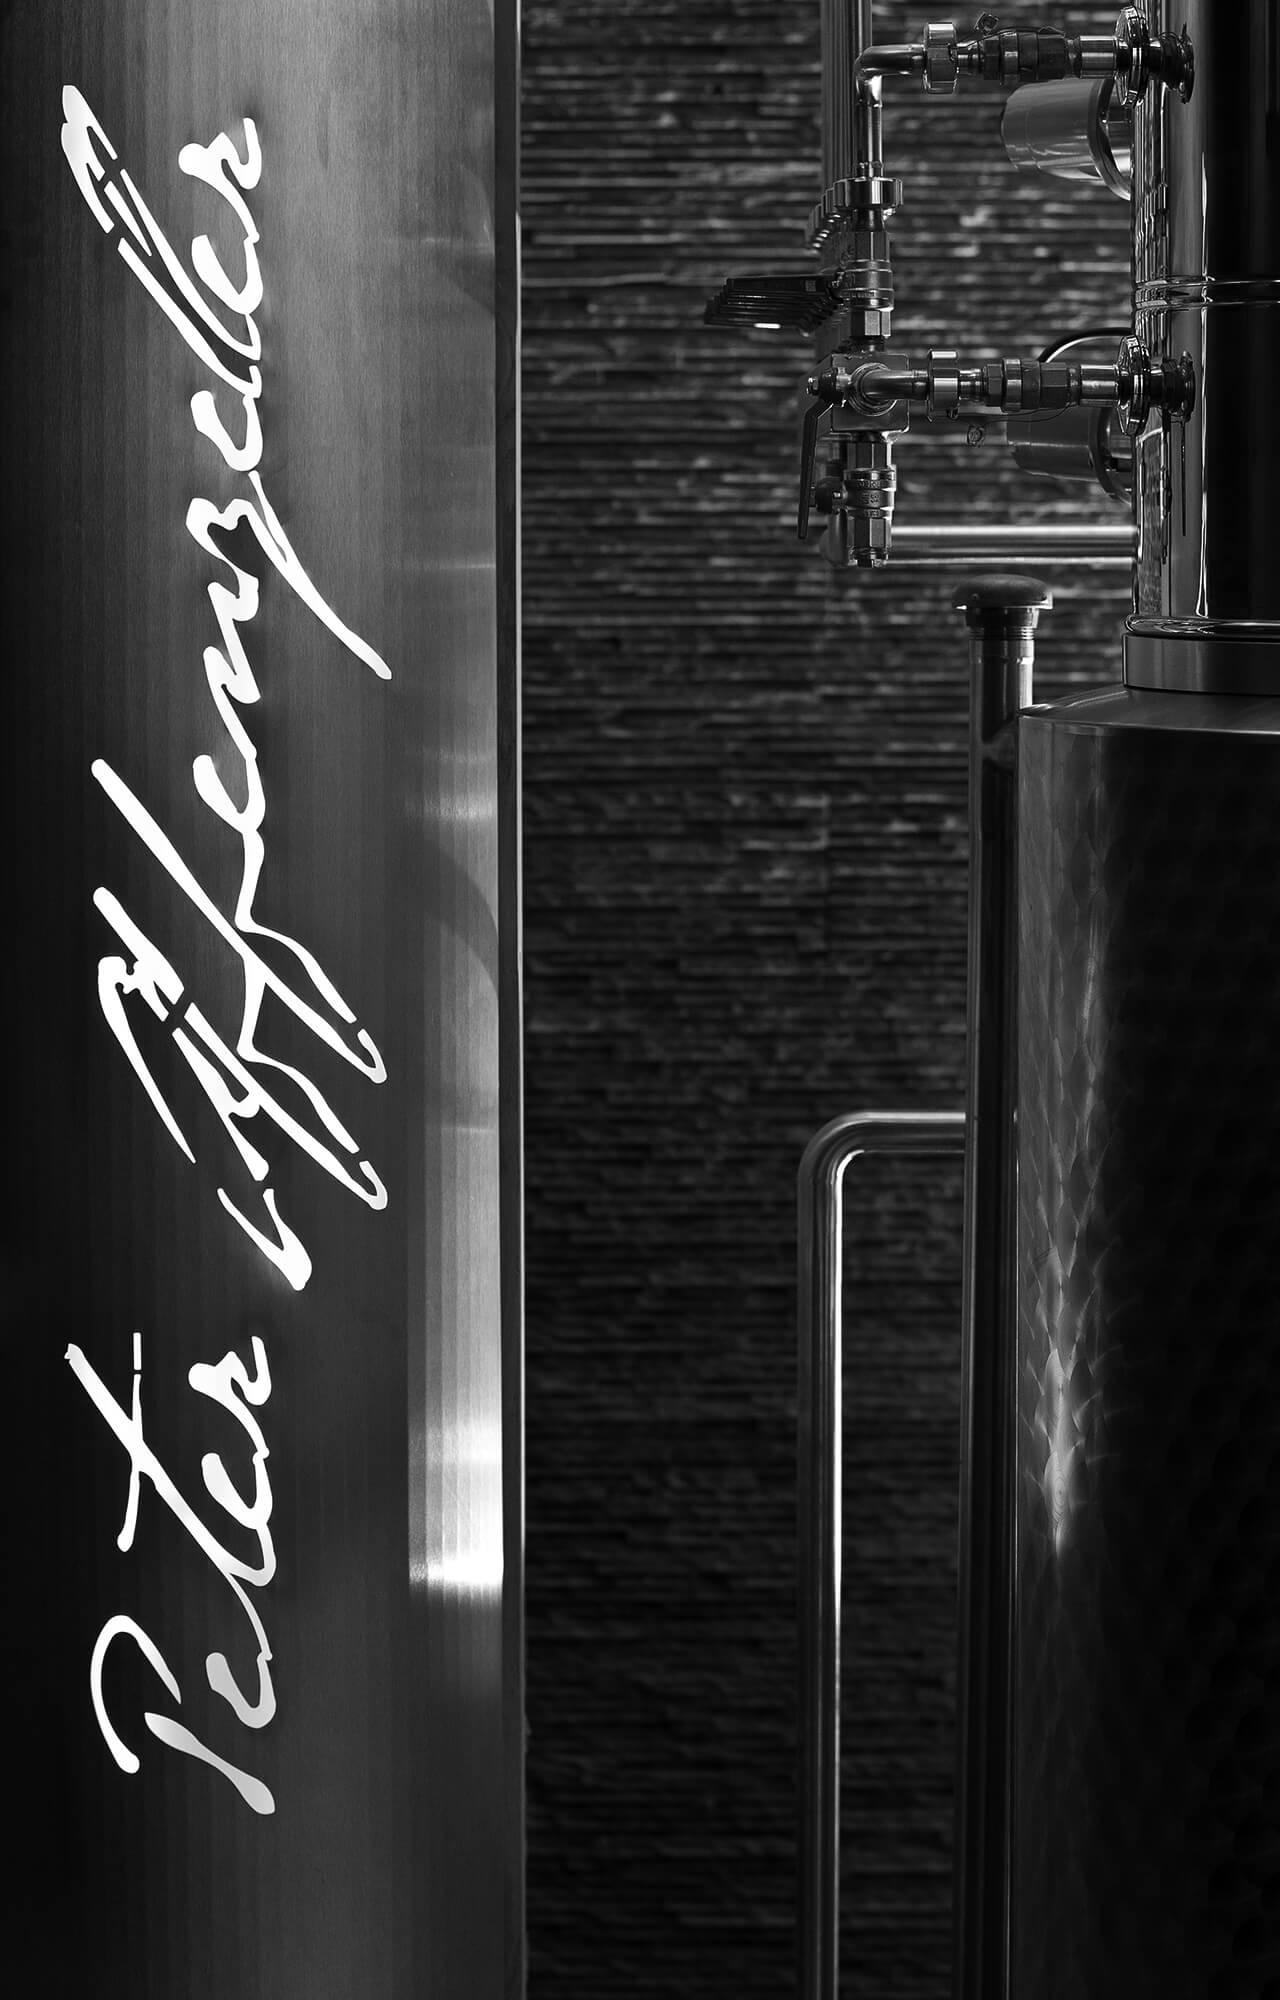 Whiskydestillerie_Peter_Affenzeller